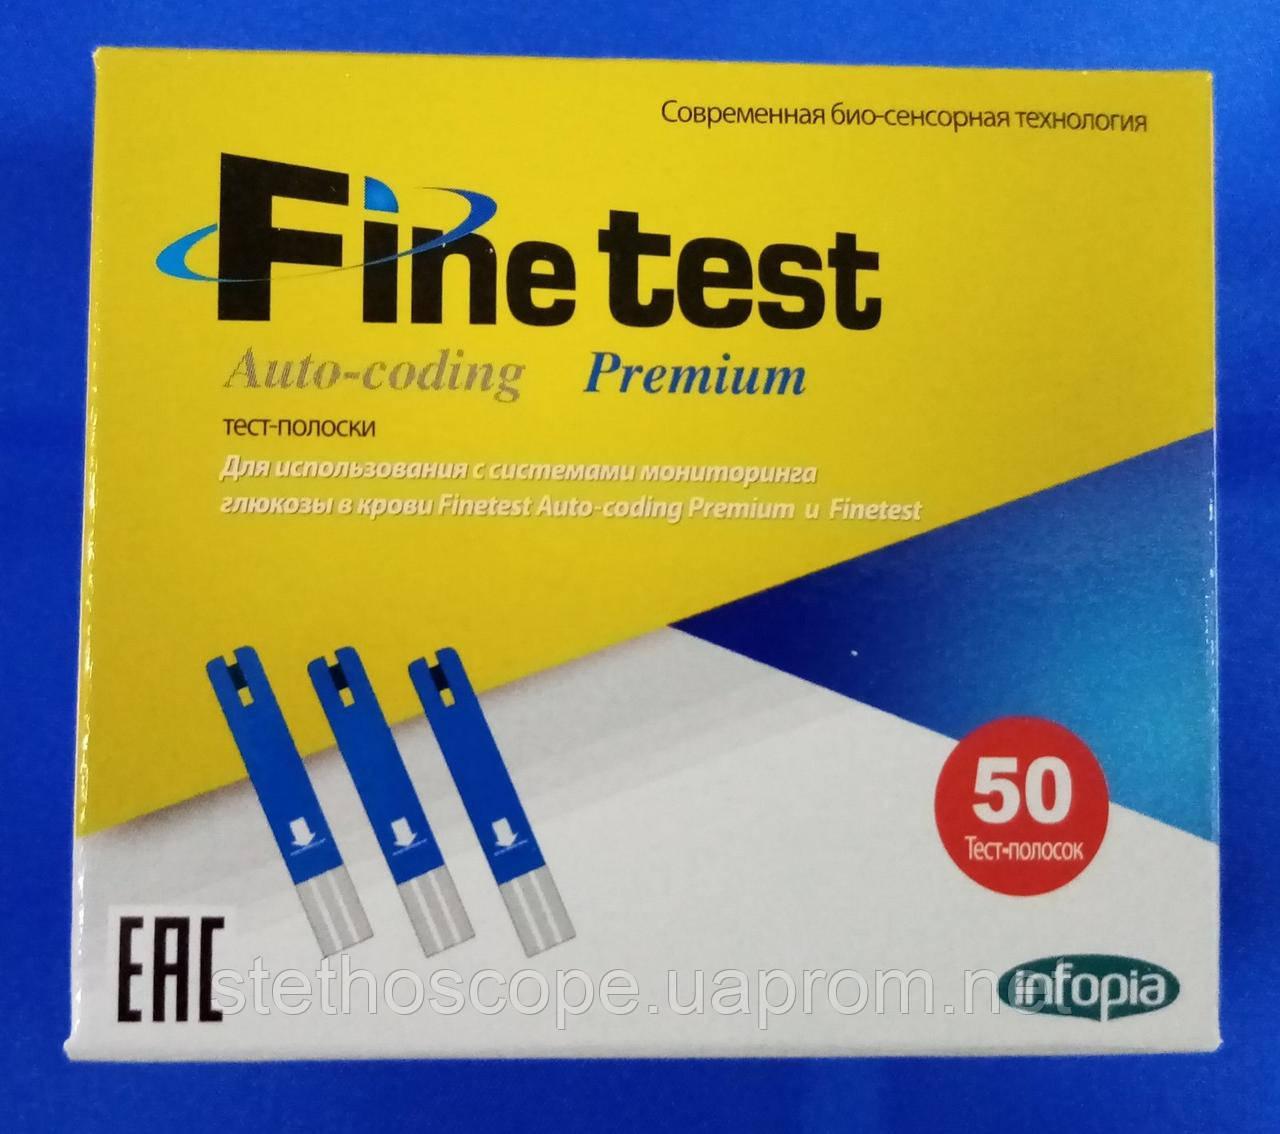 Тест-полоски Finetest Auto-Coding Premium 50 шт  (Срок годности 24.02.2021г.)